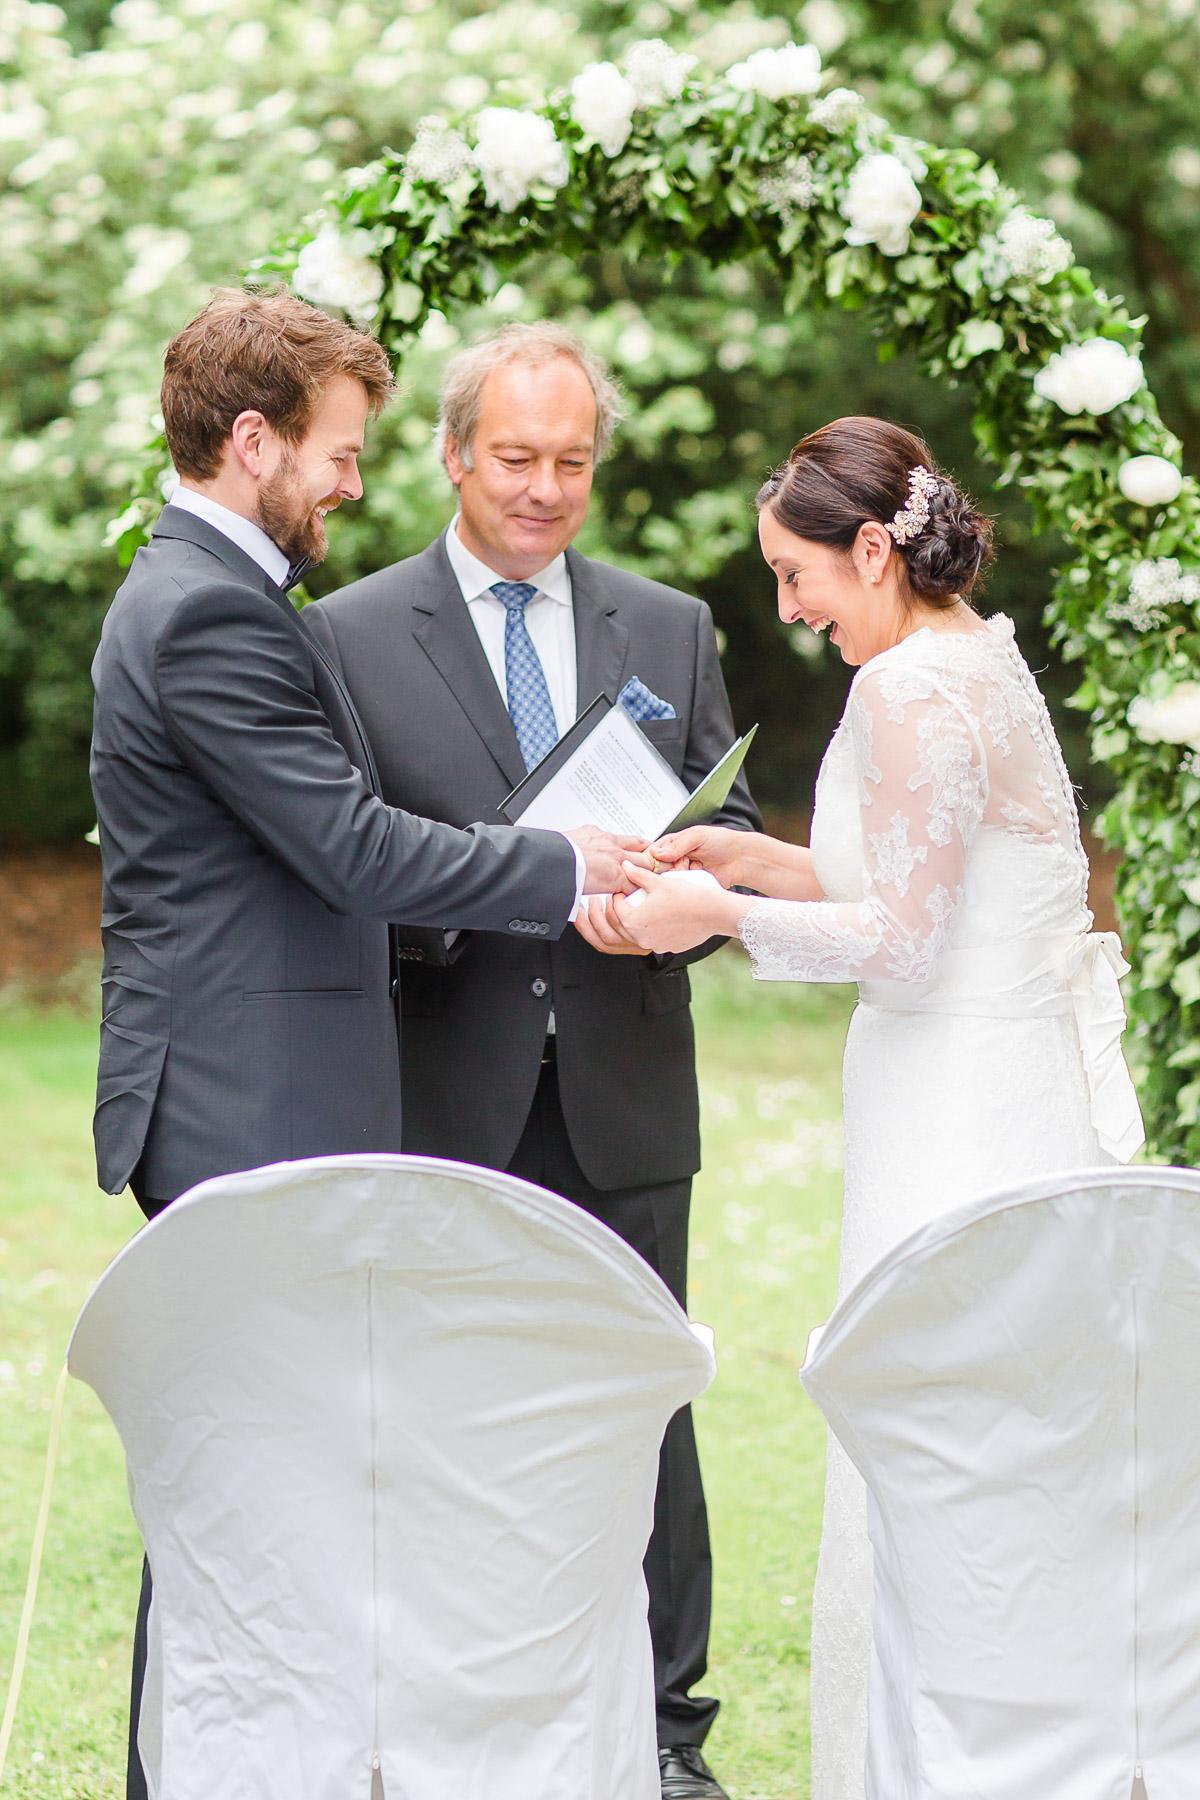 Hochzeitsfotograf-Lage-9-7-1